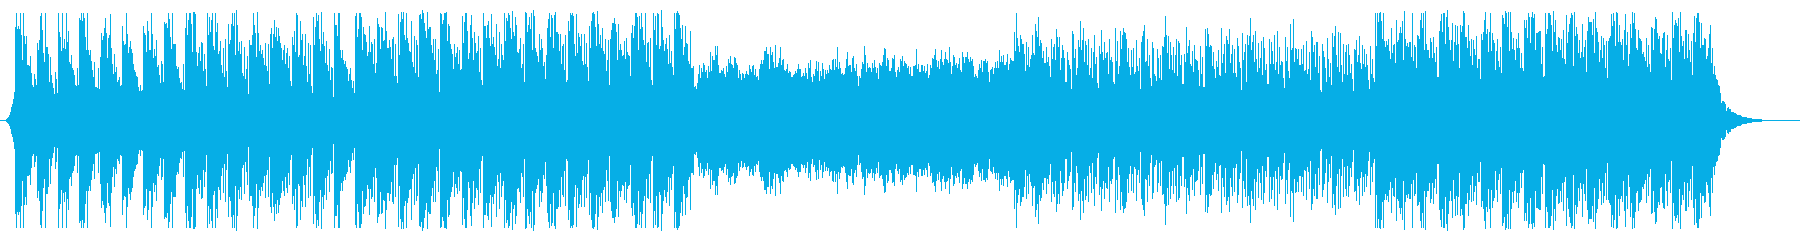 トークBGM向け、リラックス系エレクトロの再生済みの波形